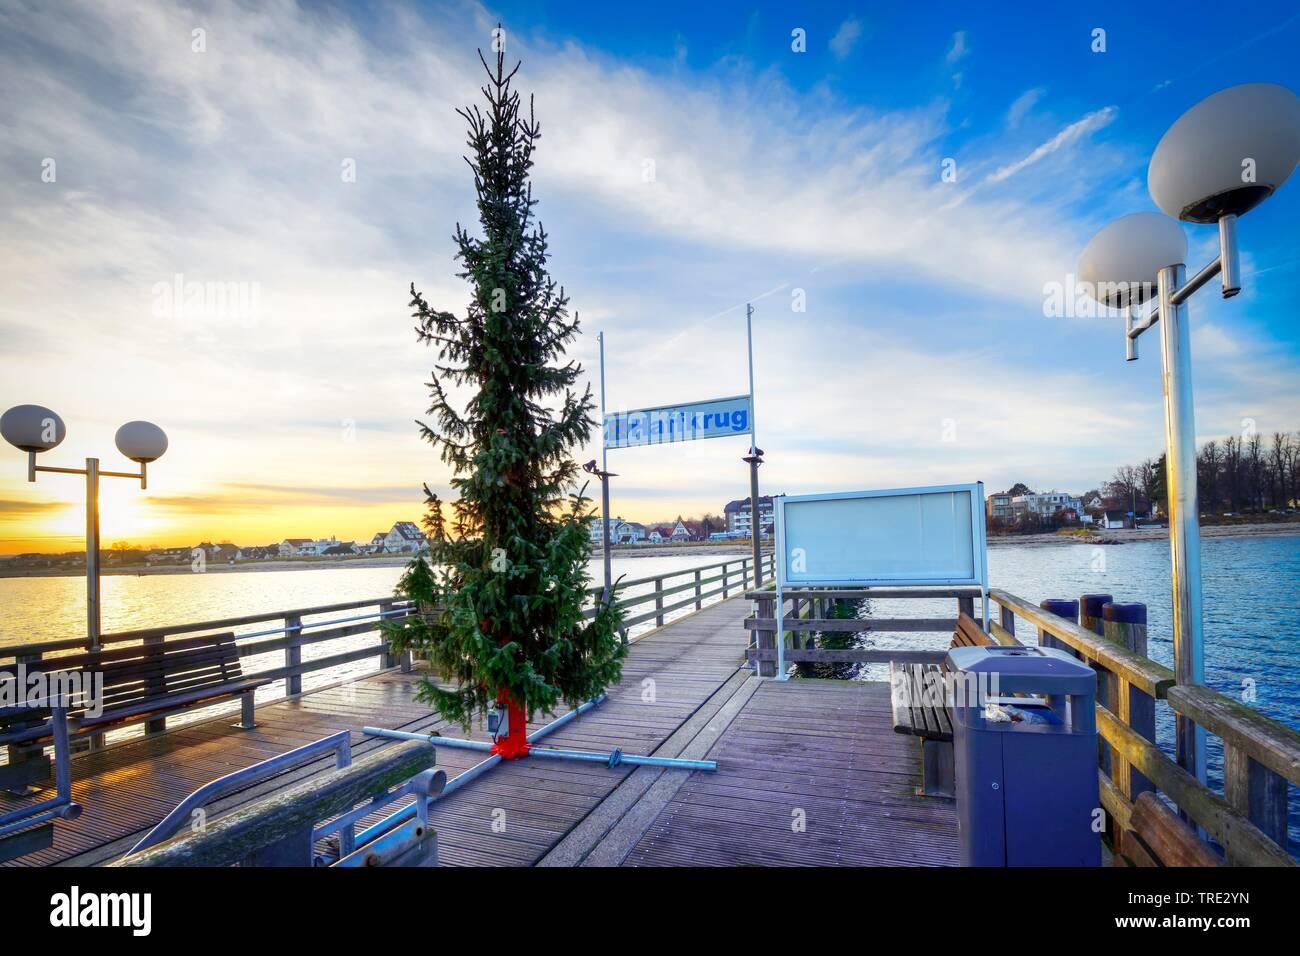 Weihnachtstanne auf der Seebruecke von Haffkrug, Deutschland, Schleswig-Holstein, Haffkrug | Christmas tree on the Haffkrug pier, Germany, Schleswig-H - Stock Image